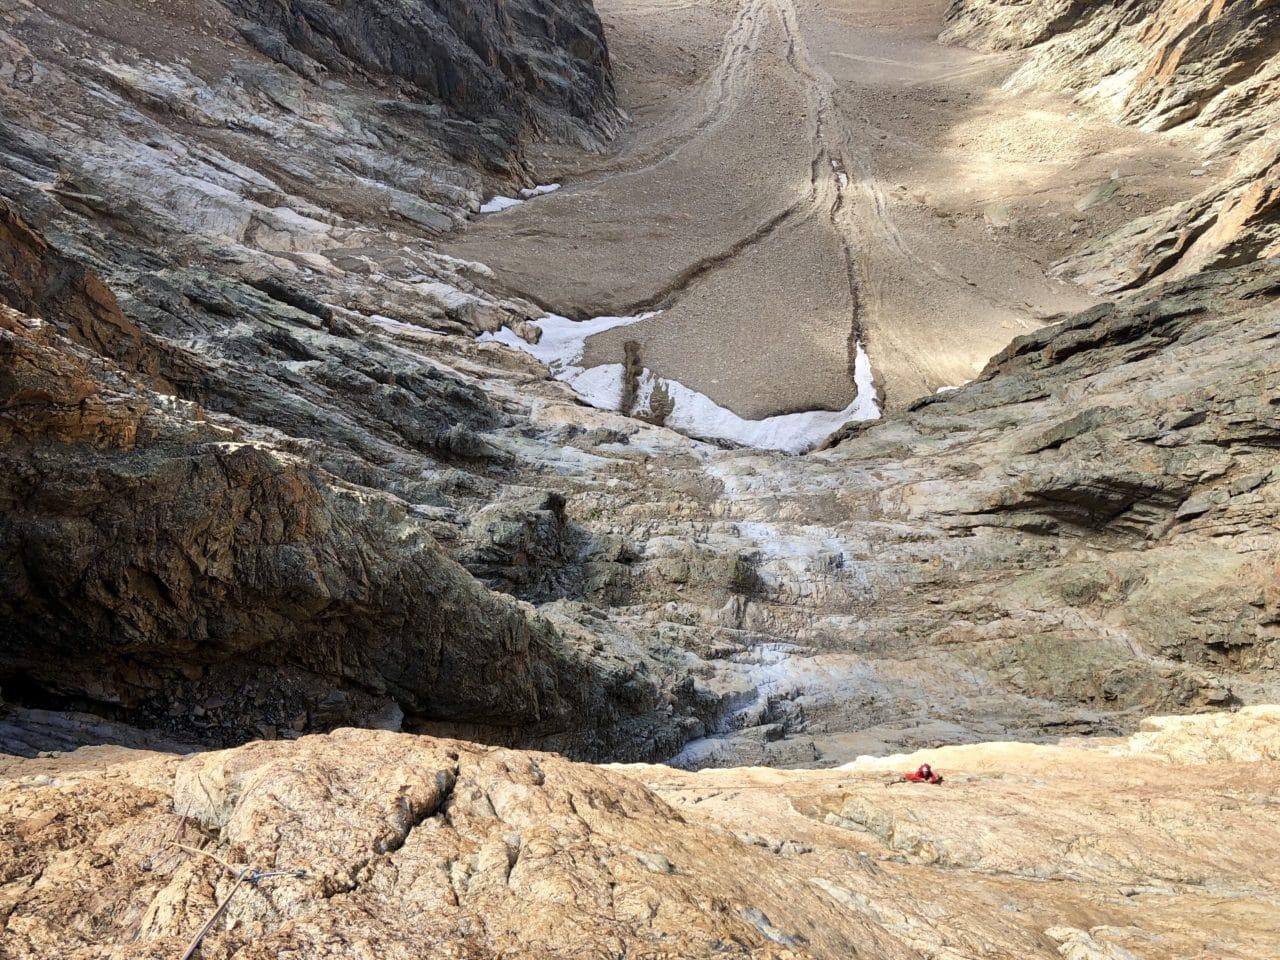 Séjour autour du refuge du Soreiller dans le massif des Écrins avec Yann Nussbaumer.